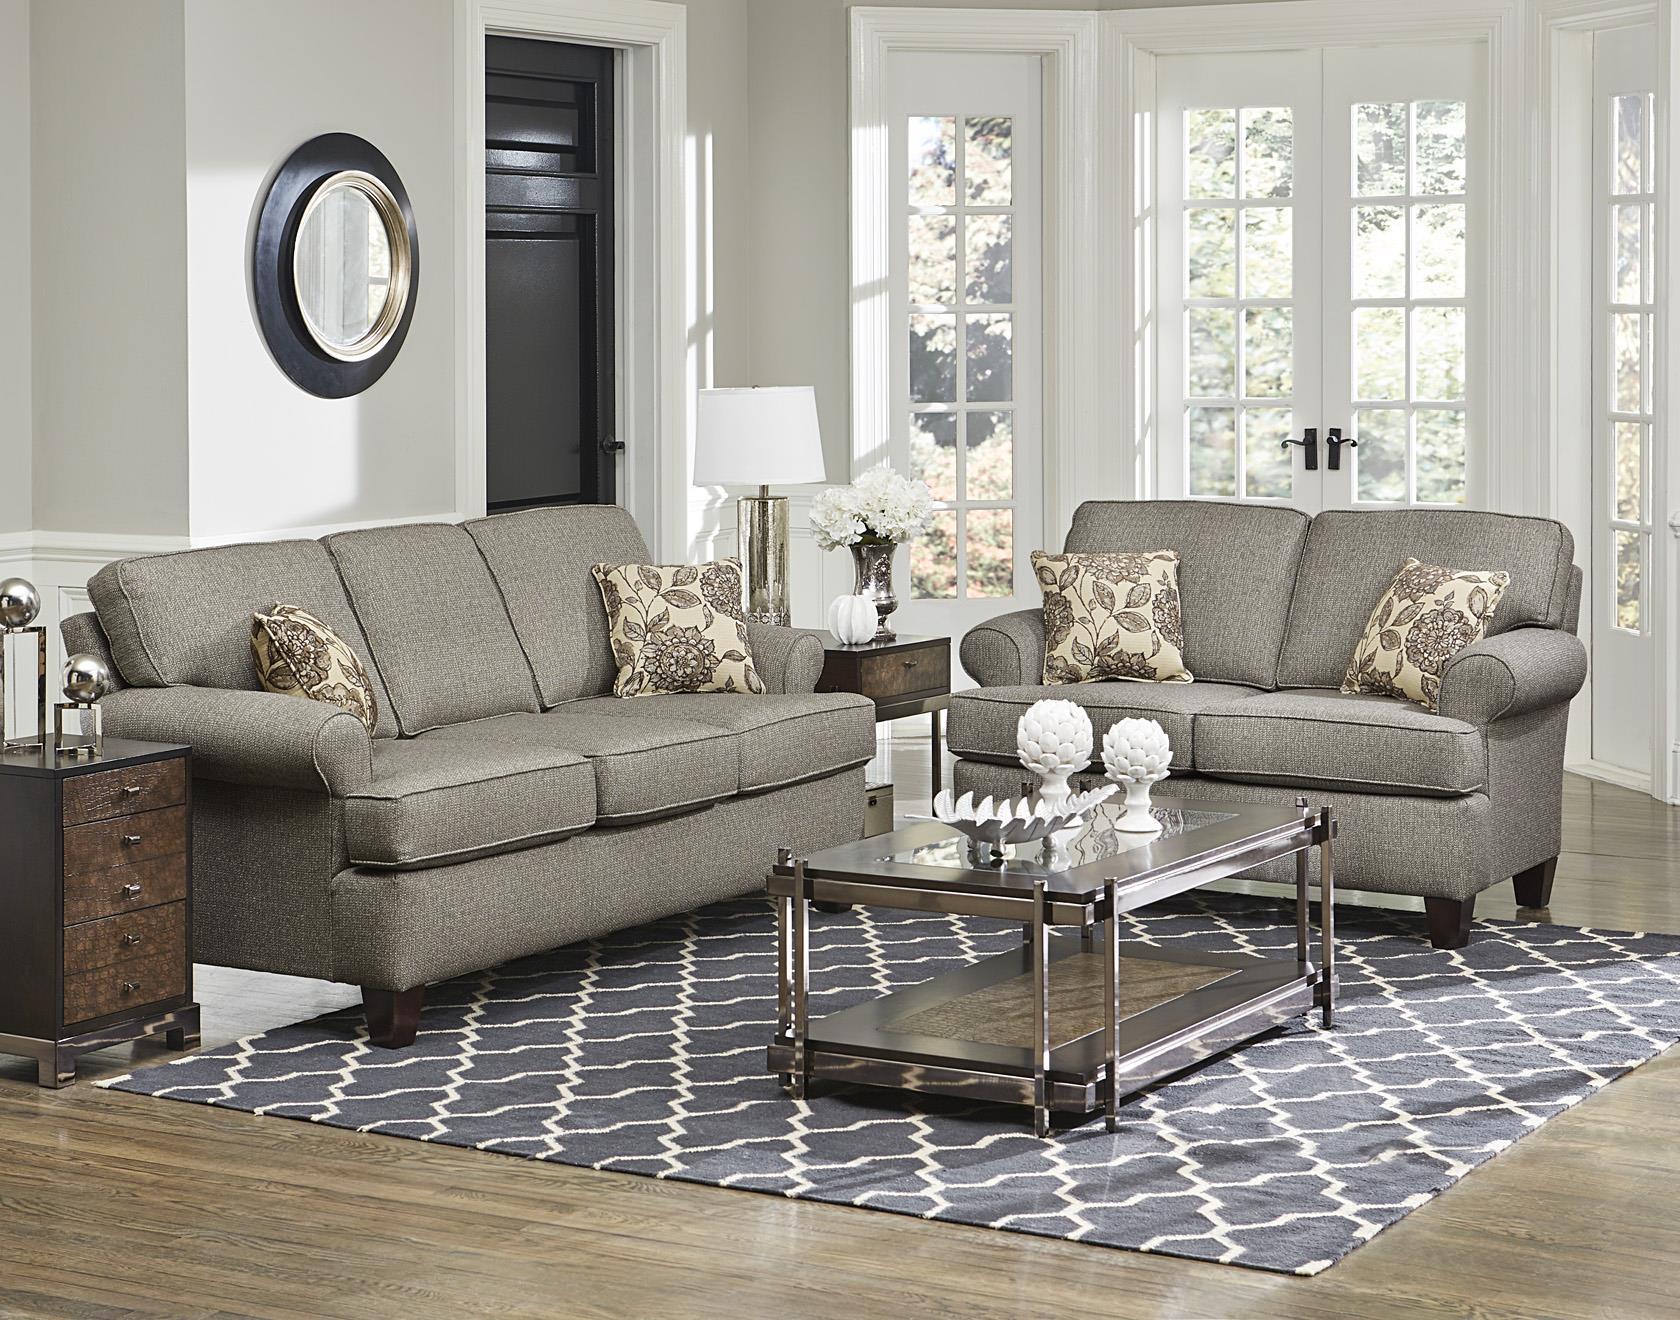 England Weaver Stationary Living Room Group Esprit Decor